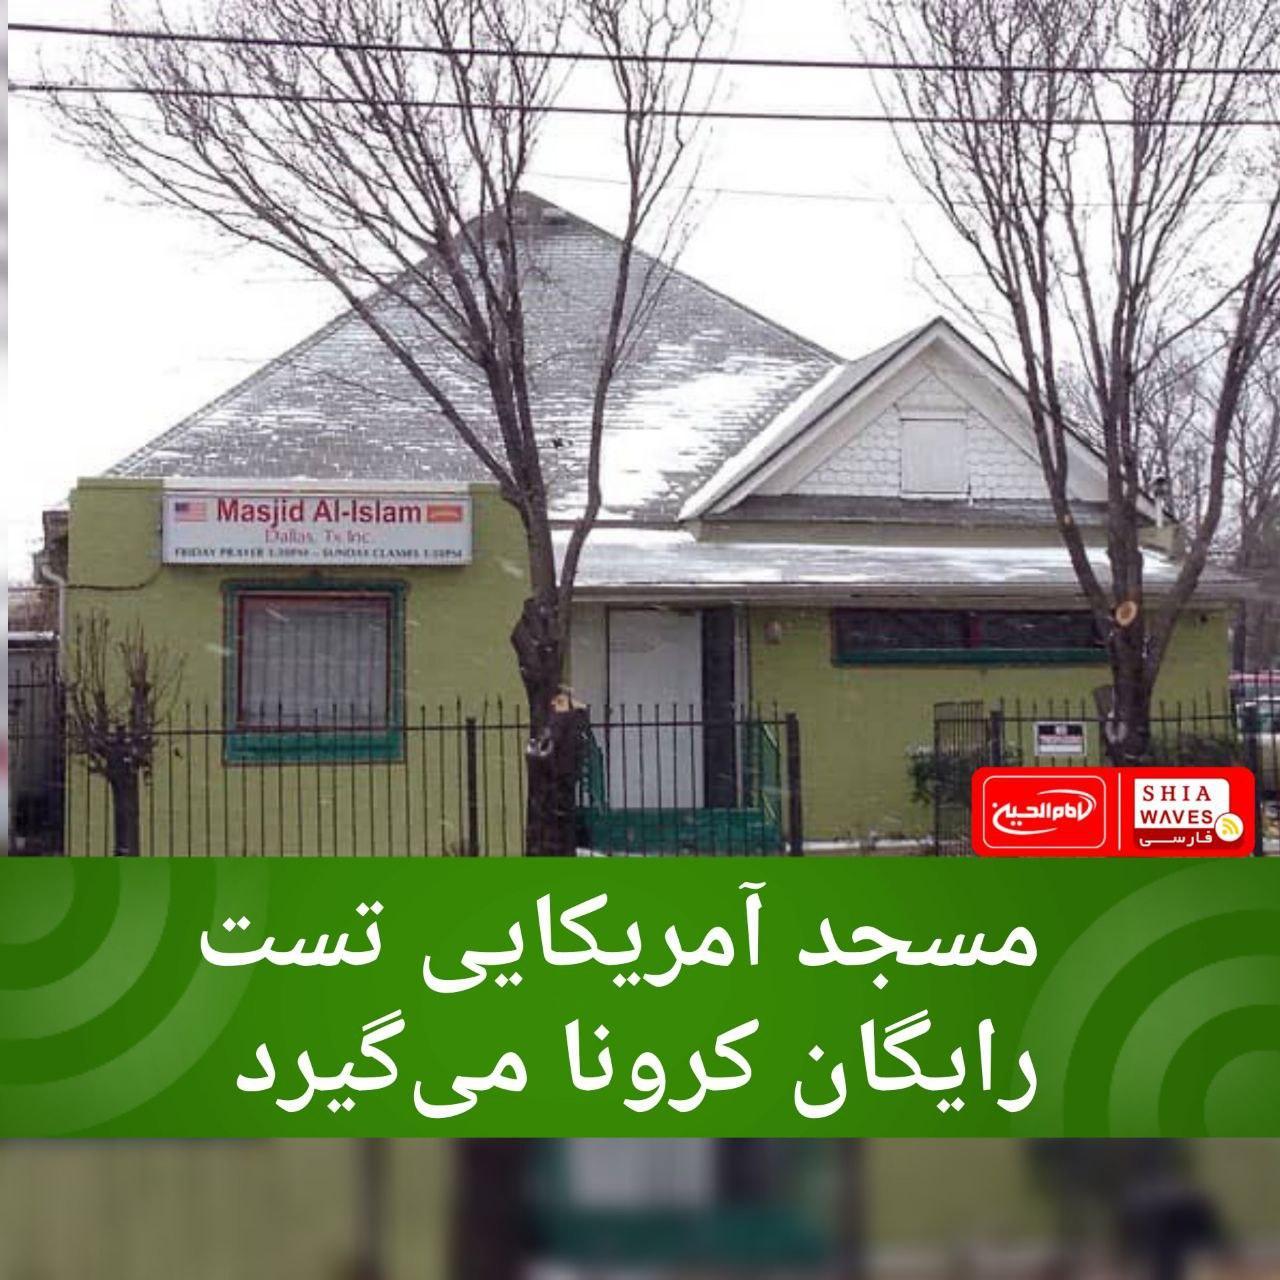 تصویر مسجد آمریکایی تست رایگان کرونا میگیرد